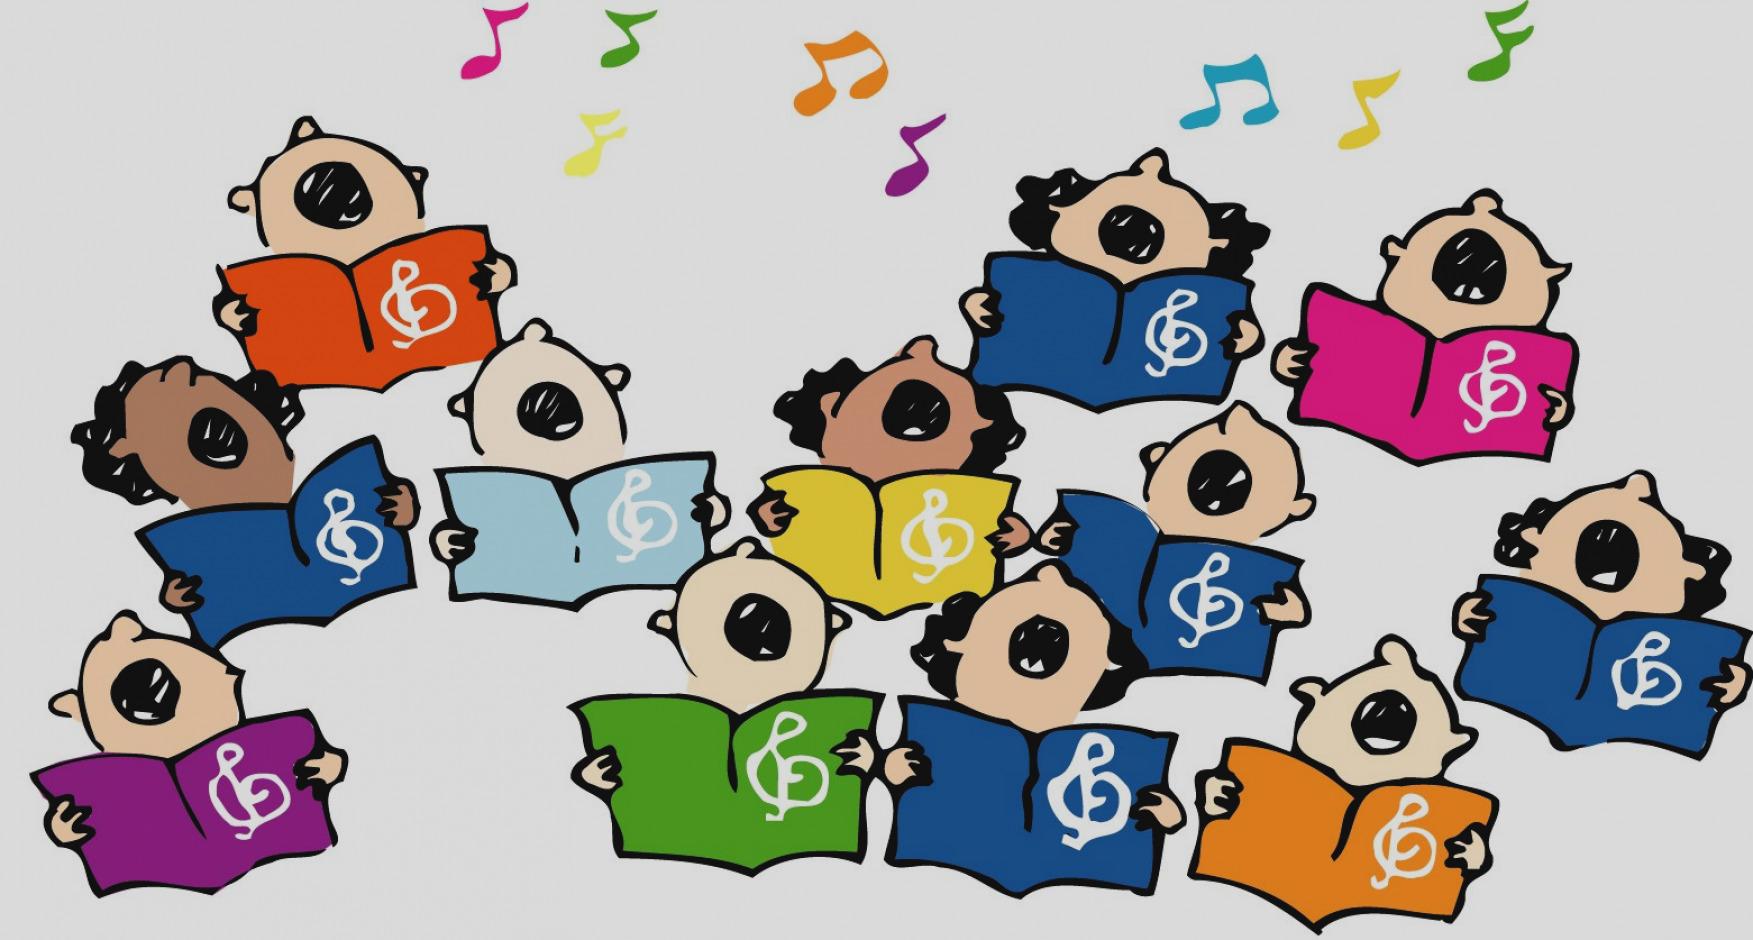 Choir clipart club. Trend clip art free